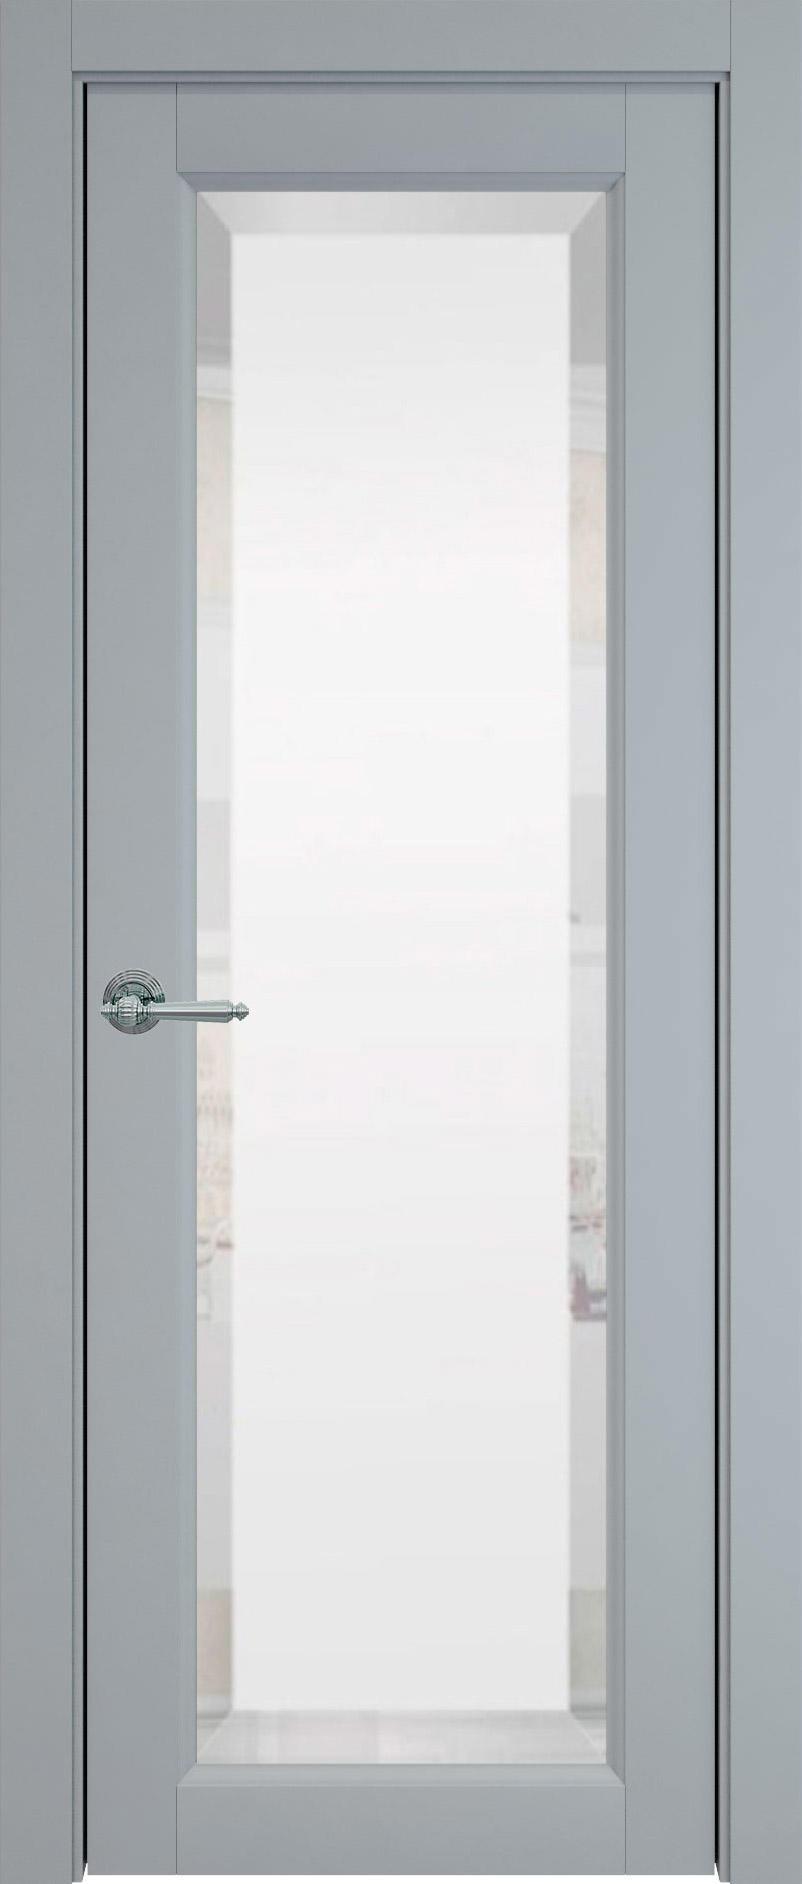 Domenica цвет - Серебристо-серая эмаль (RAL 7045) Со стеклом (ДО)